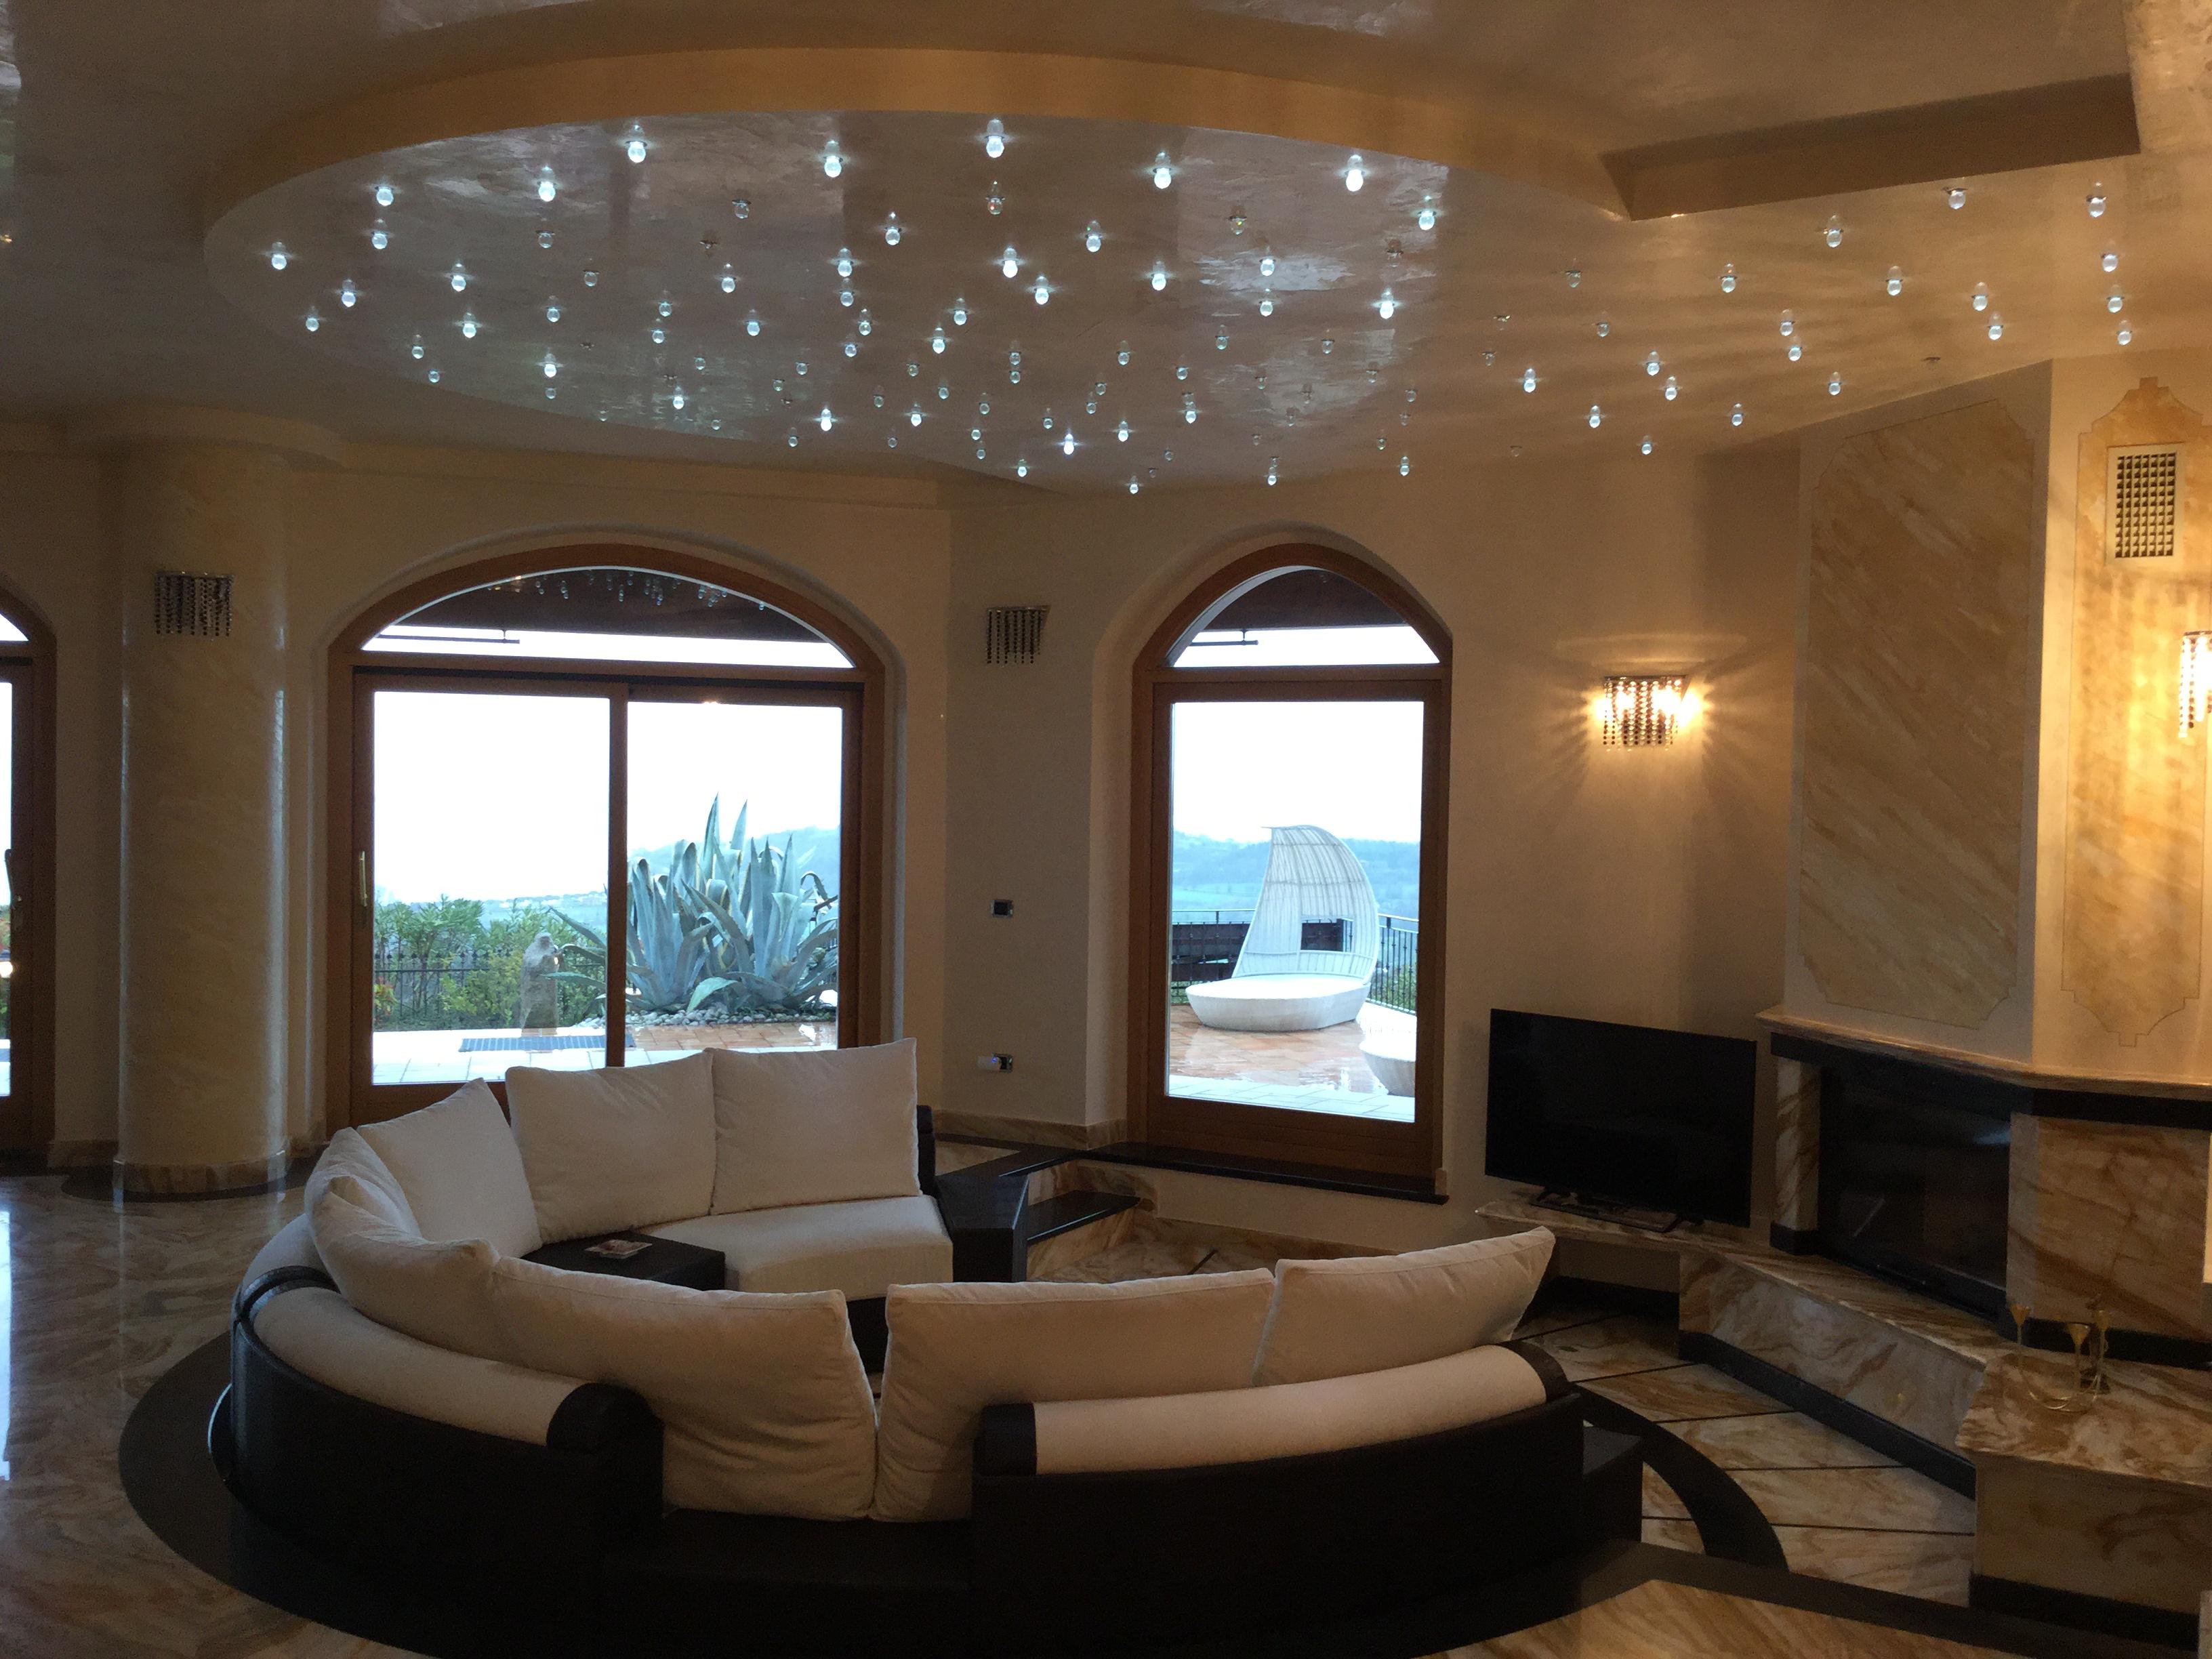 Tagliare Marmo Piano Cucina villa smeralda lusso del garda 017092-cni-00062 - villas for